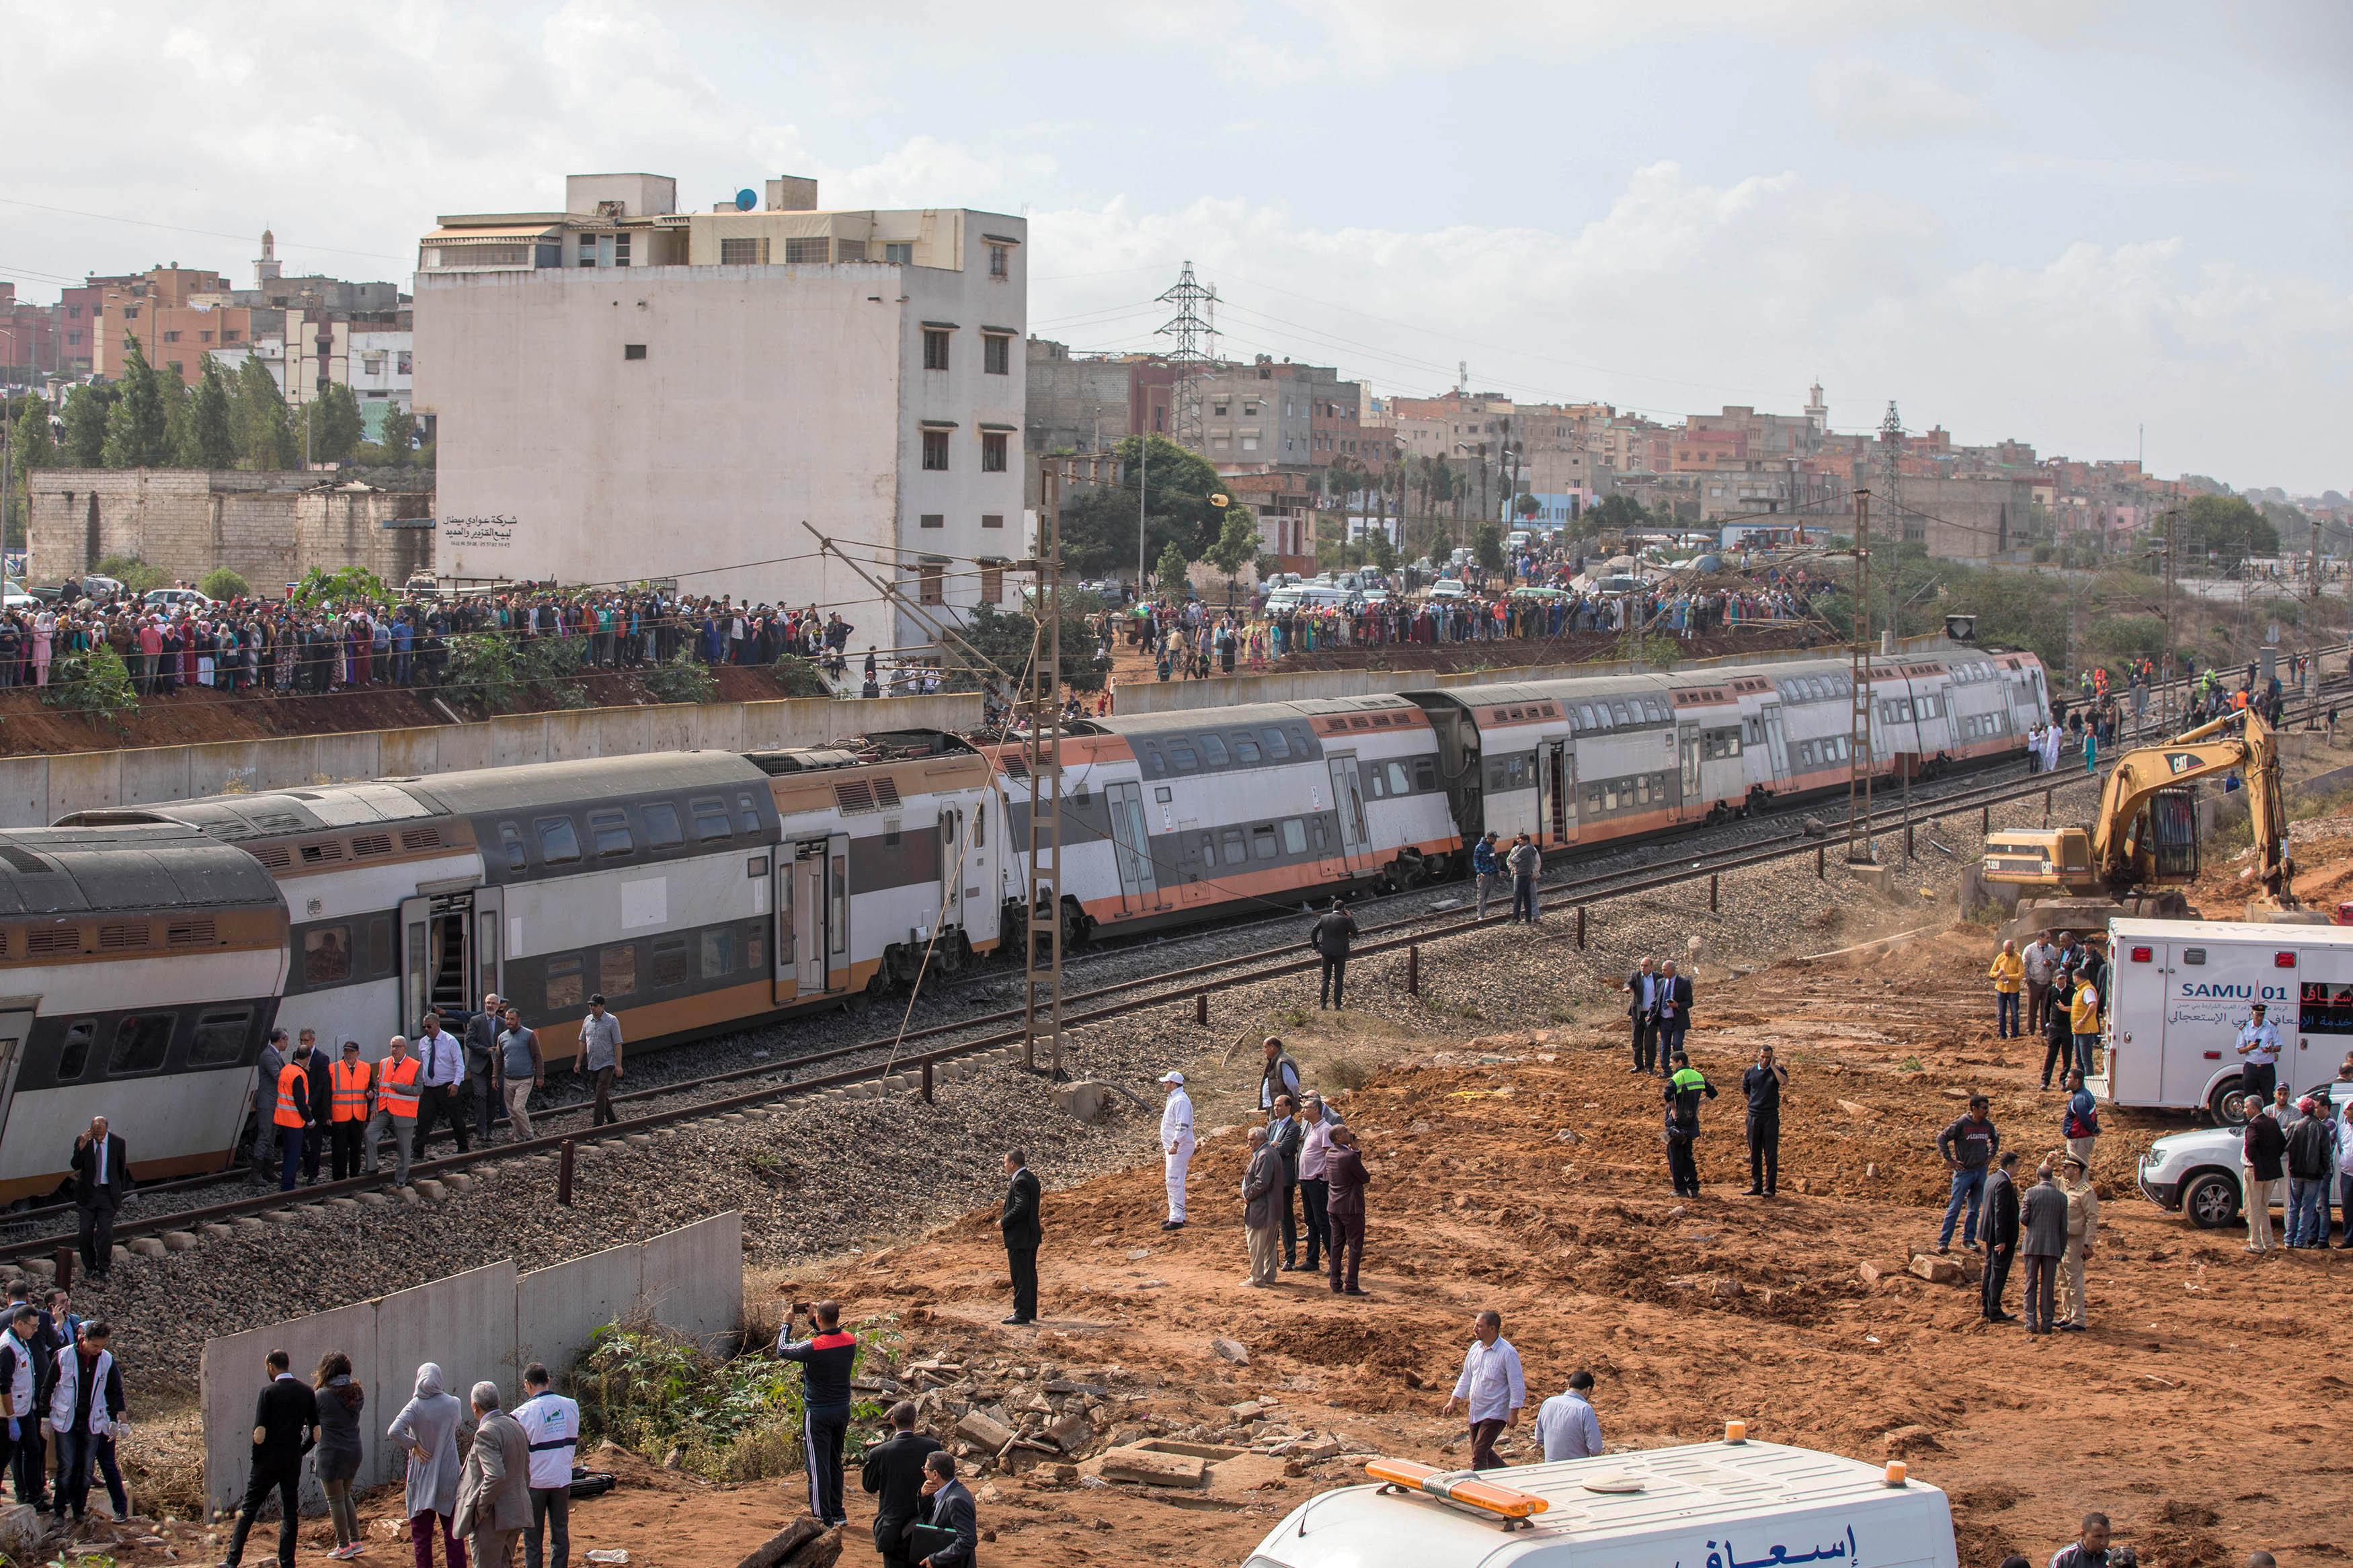 قطار المغرب (6)